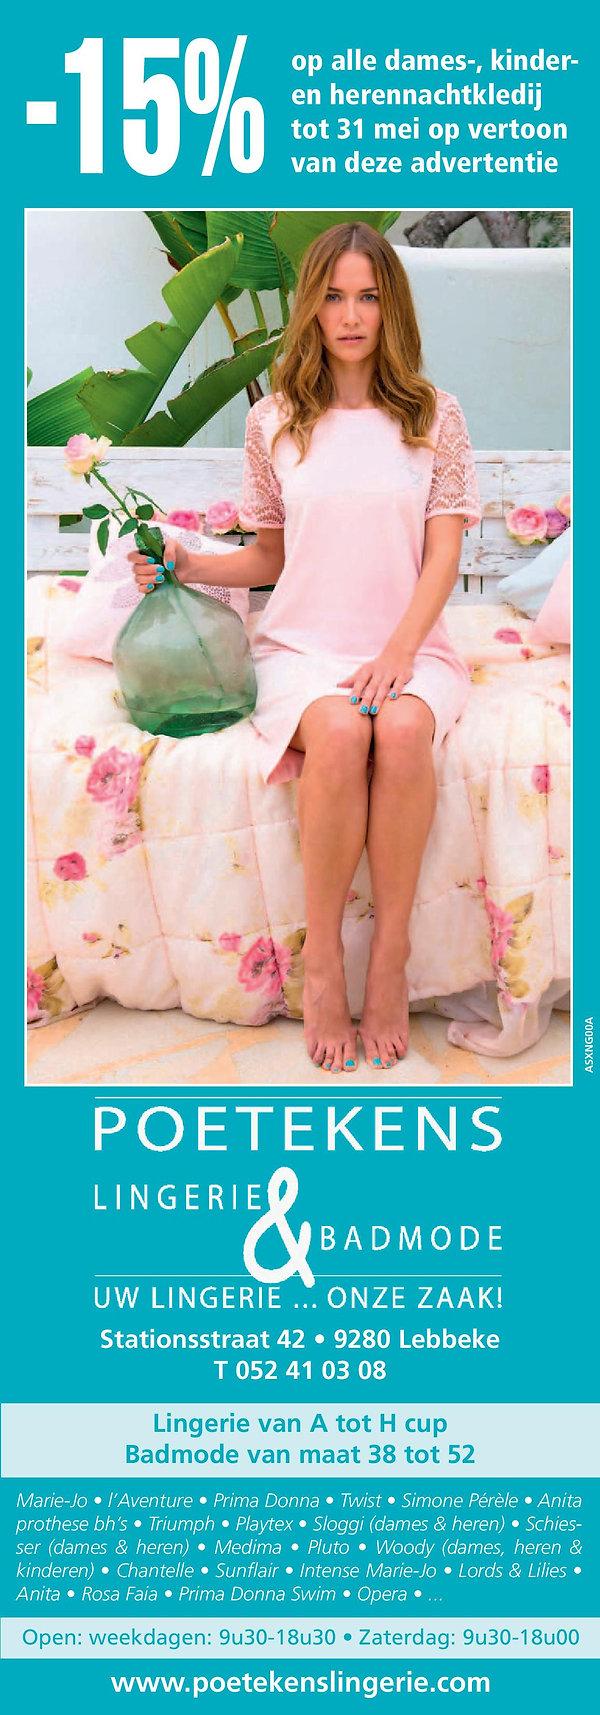 Slaapkledij voor dames, heren & kinderen - POETEKENS Lingerie & Badmode - Stationsstraat 42, 9280 Lebbeke